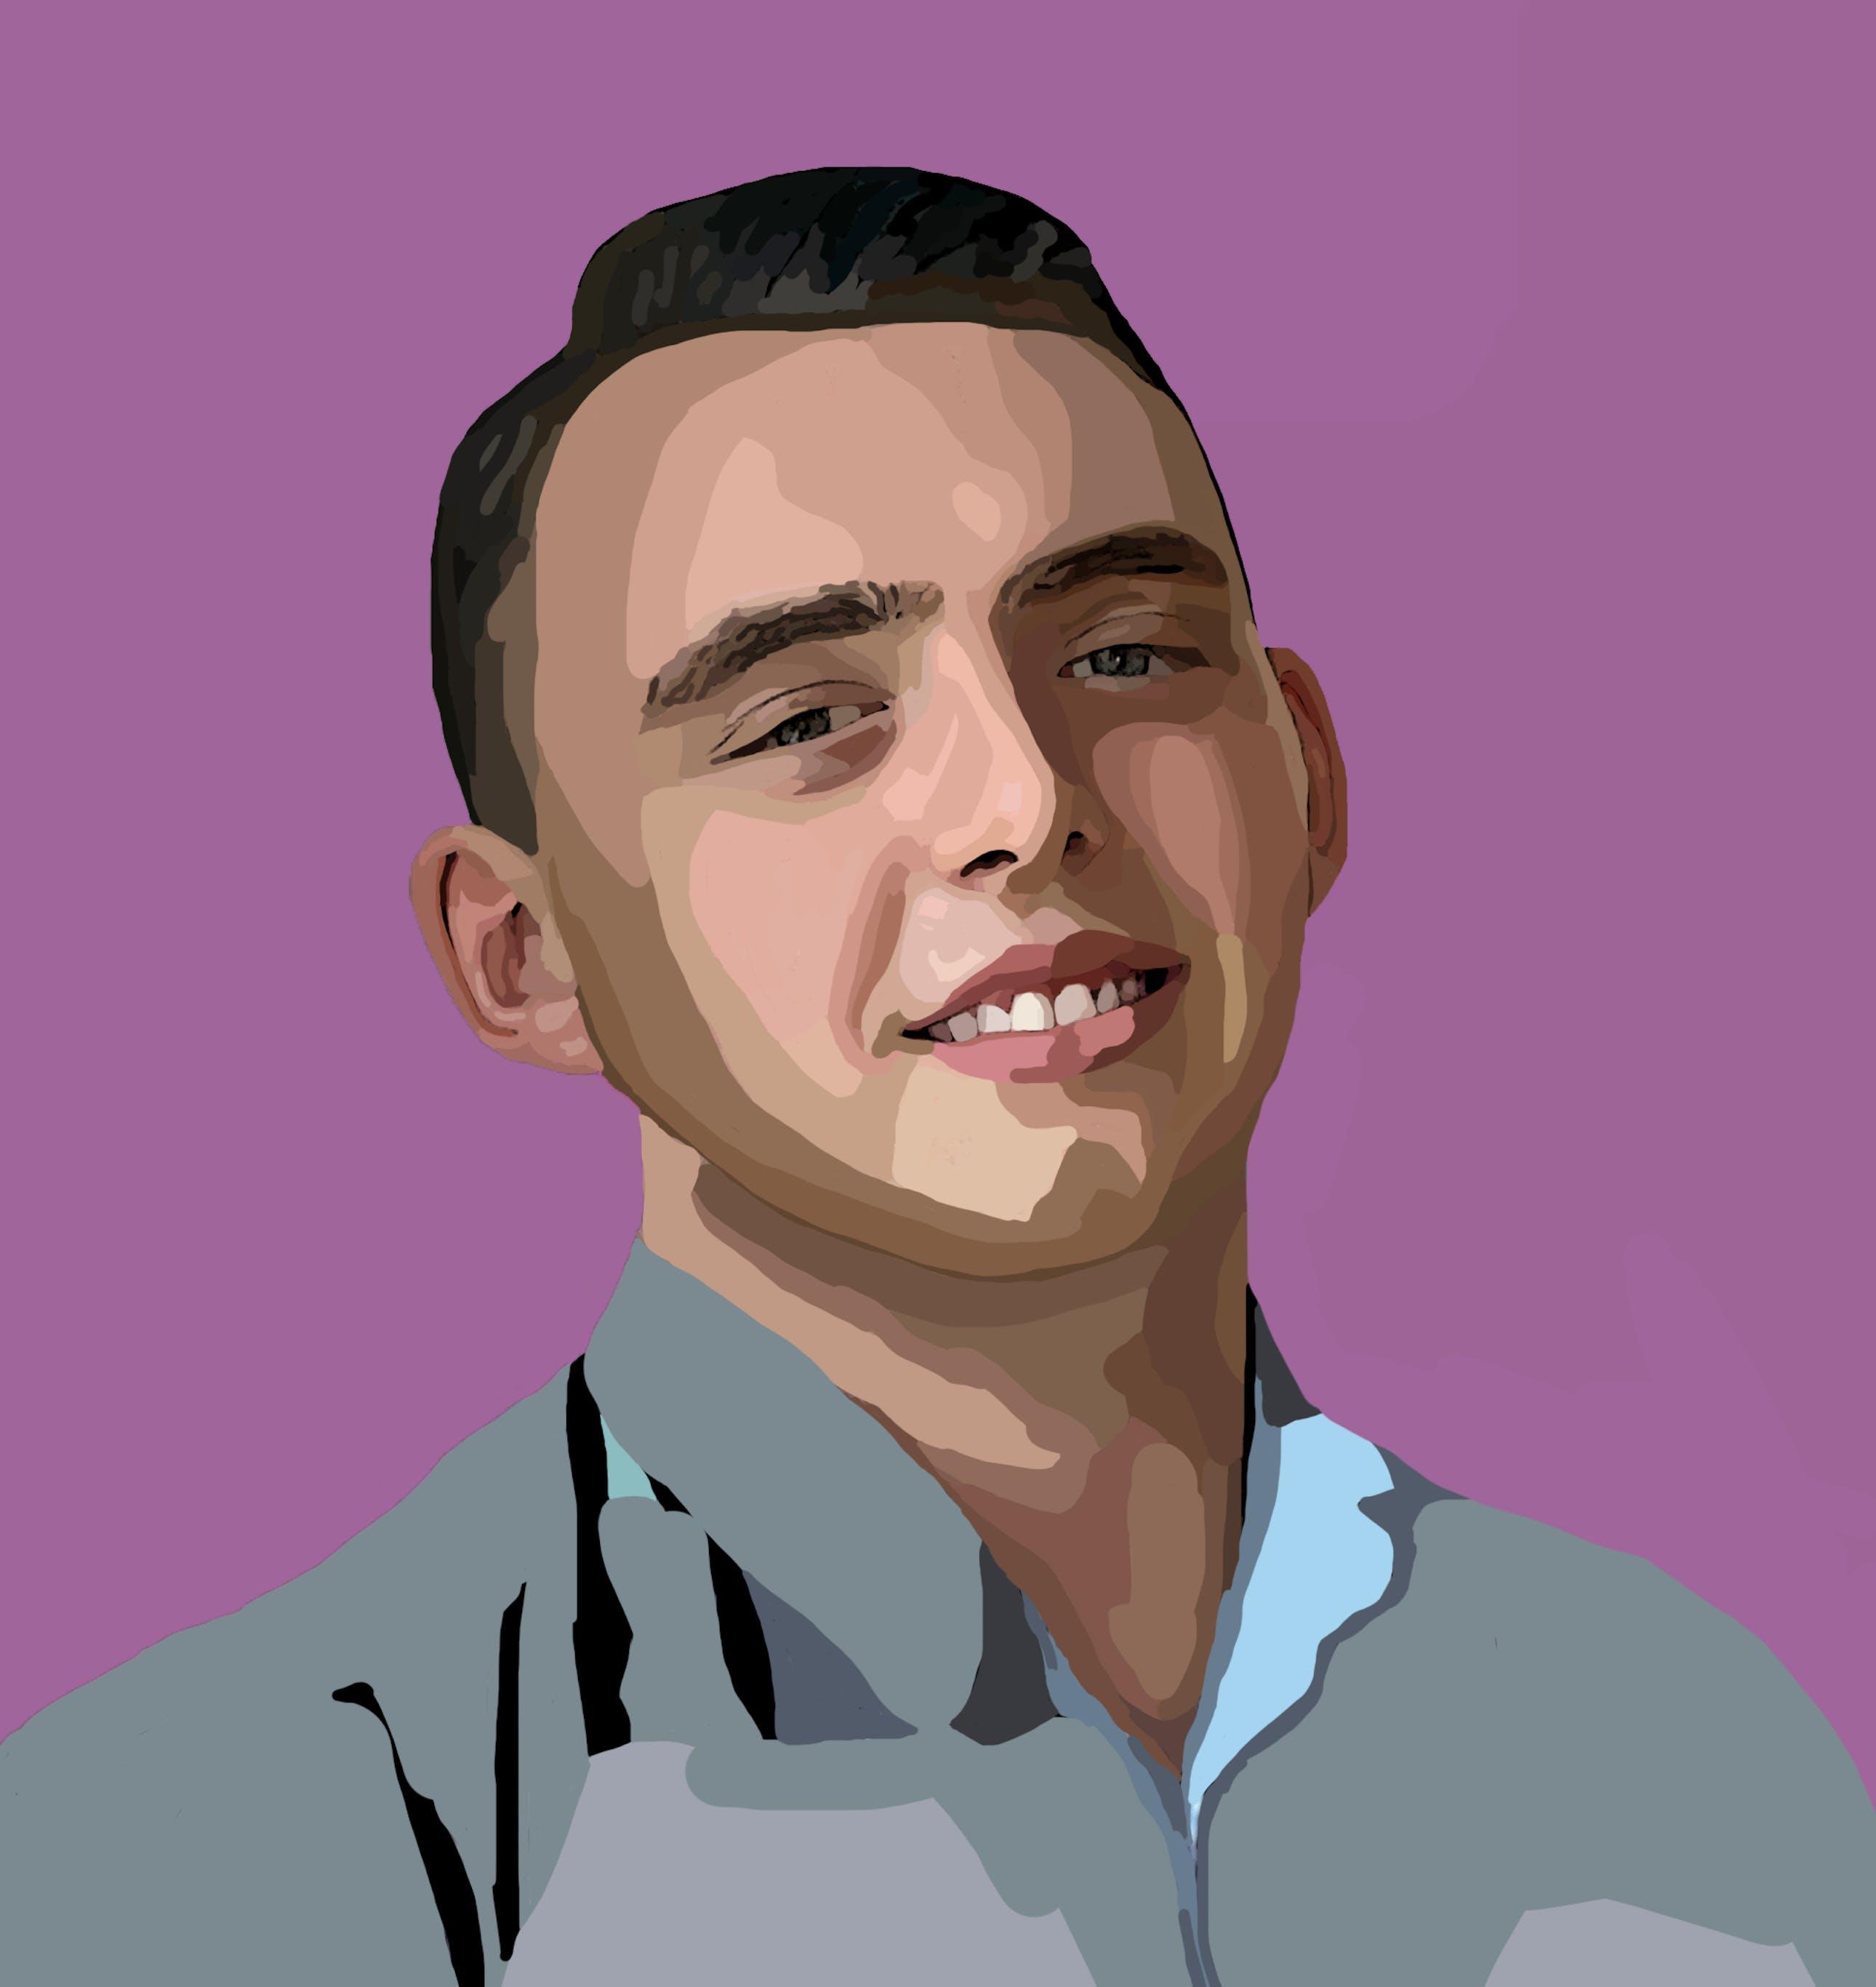 Harry O'Shea